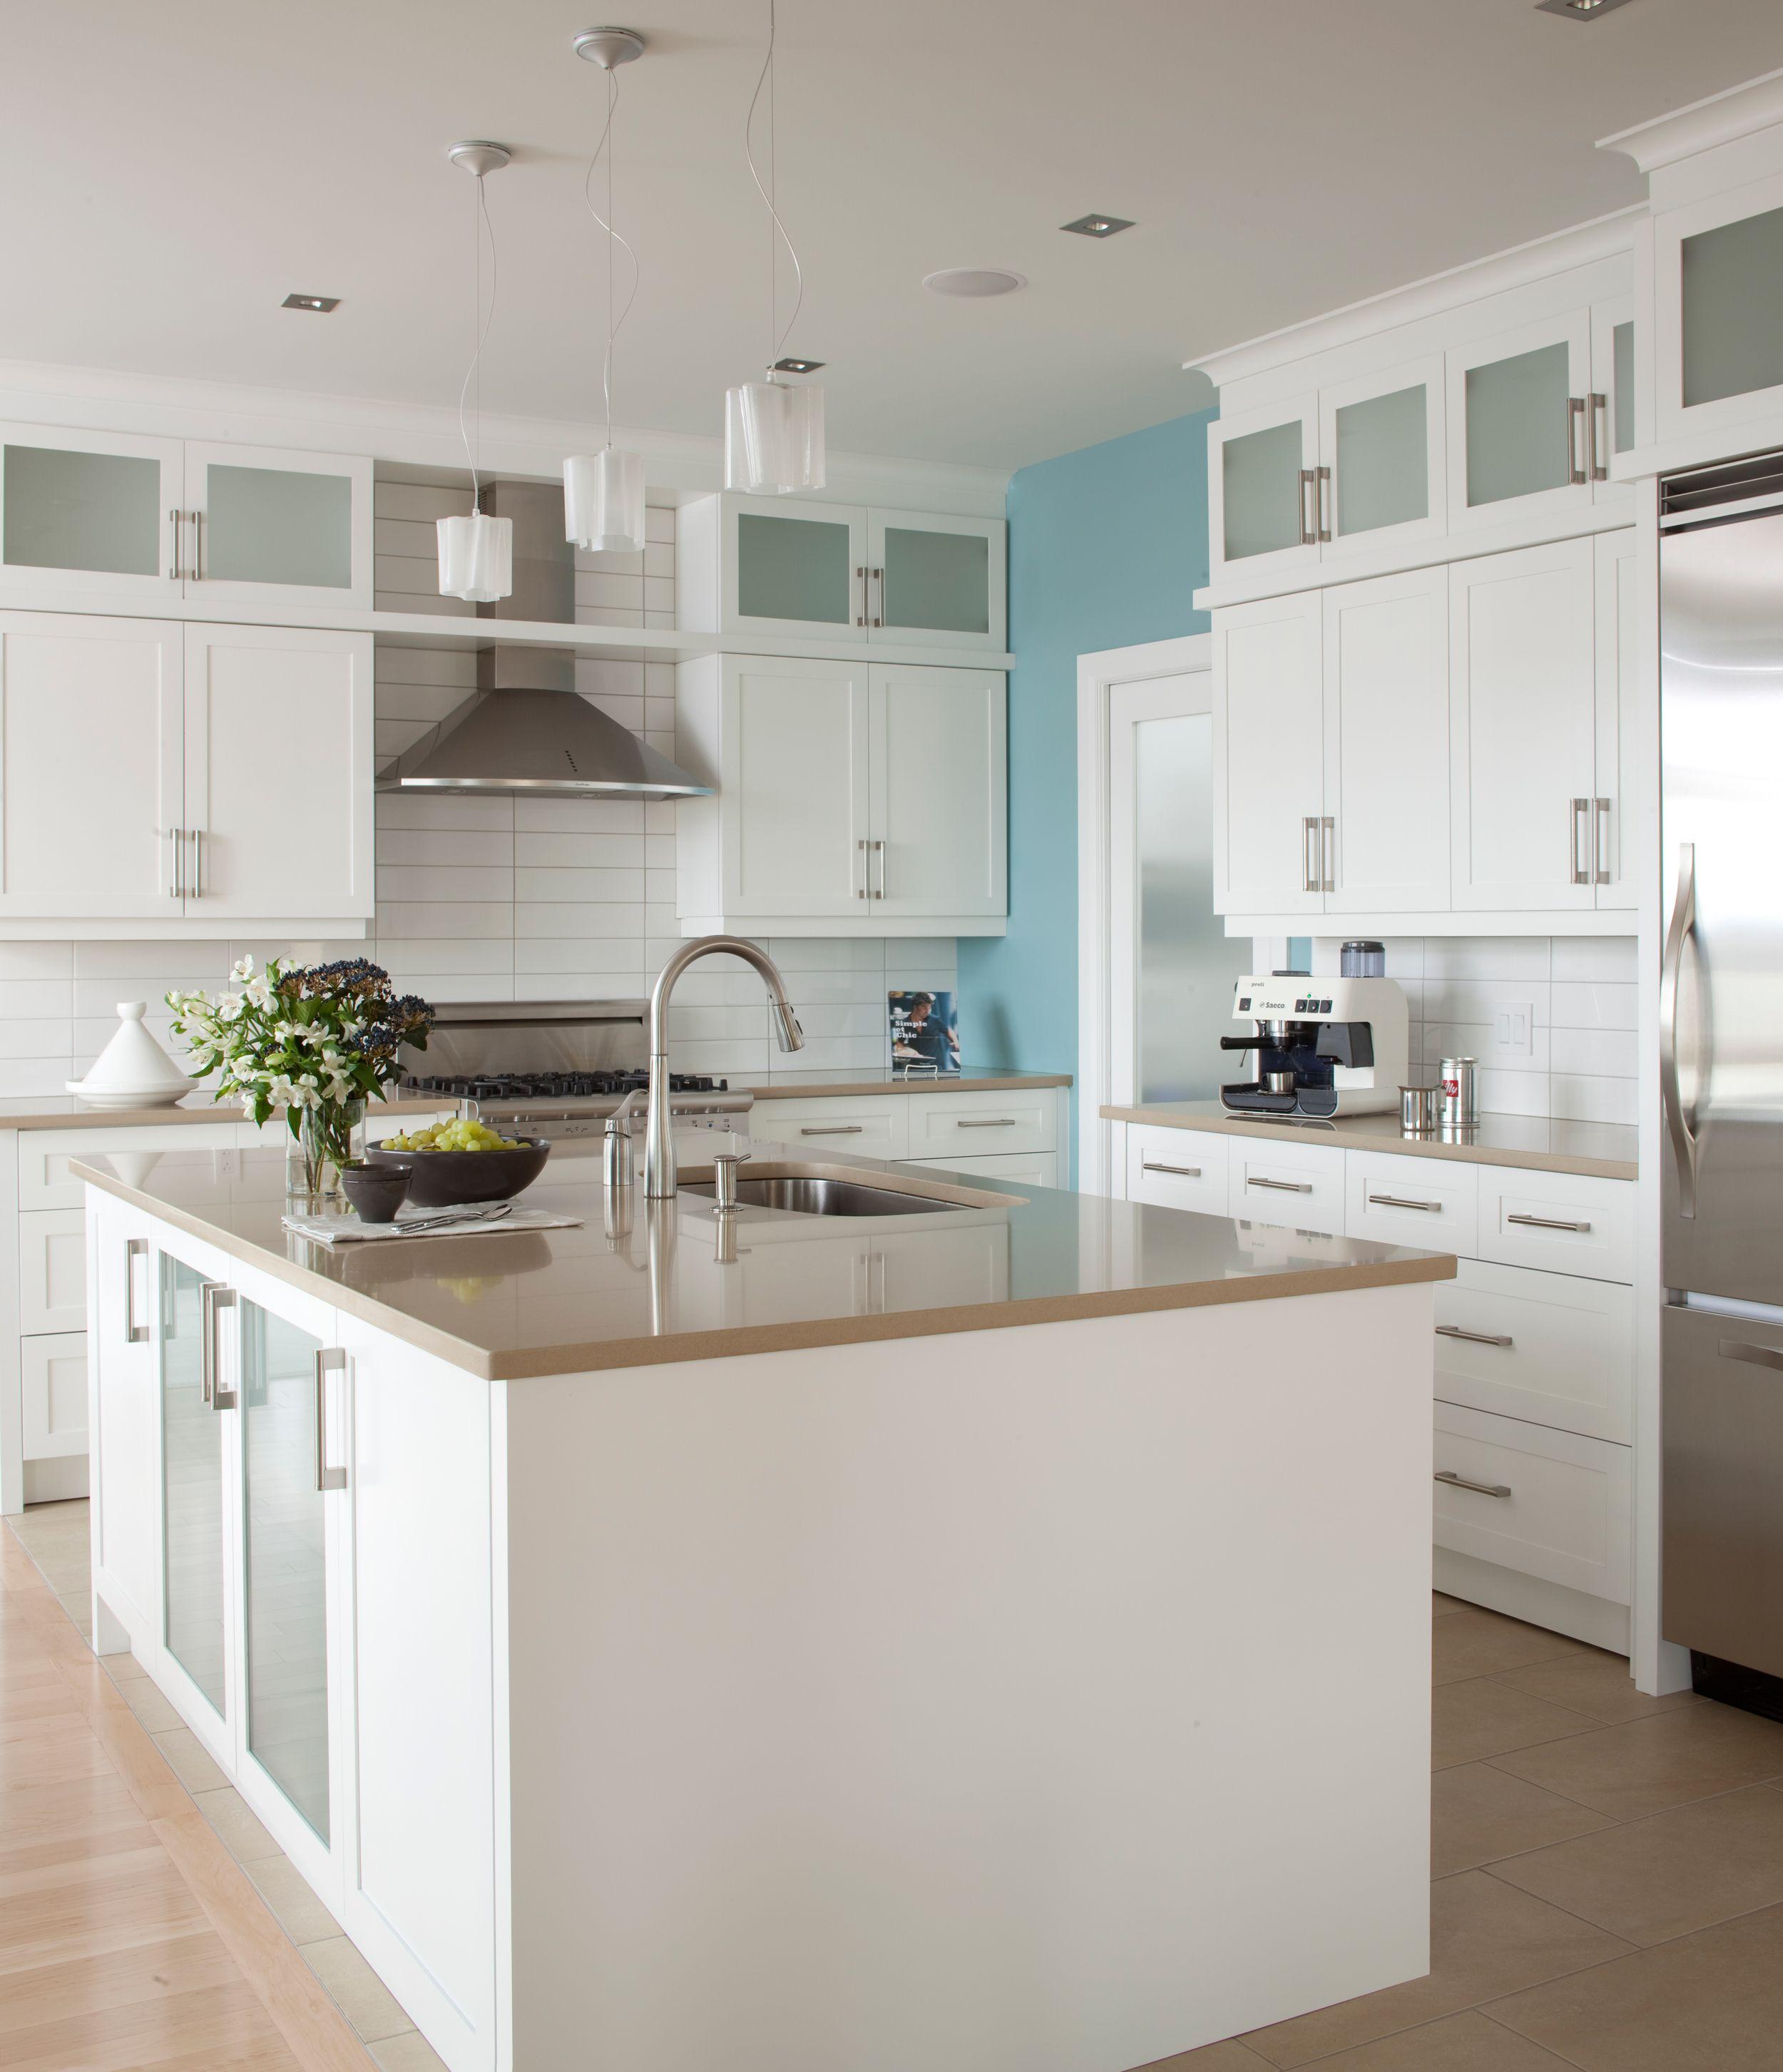 Fabricant De Caisson De Cuisine armoire de cuisine et vanité de salle de bains -fabricant